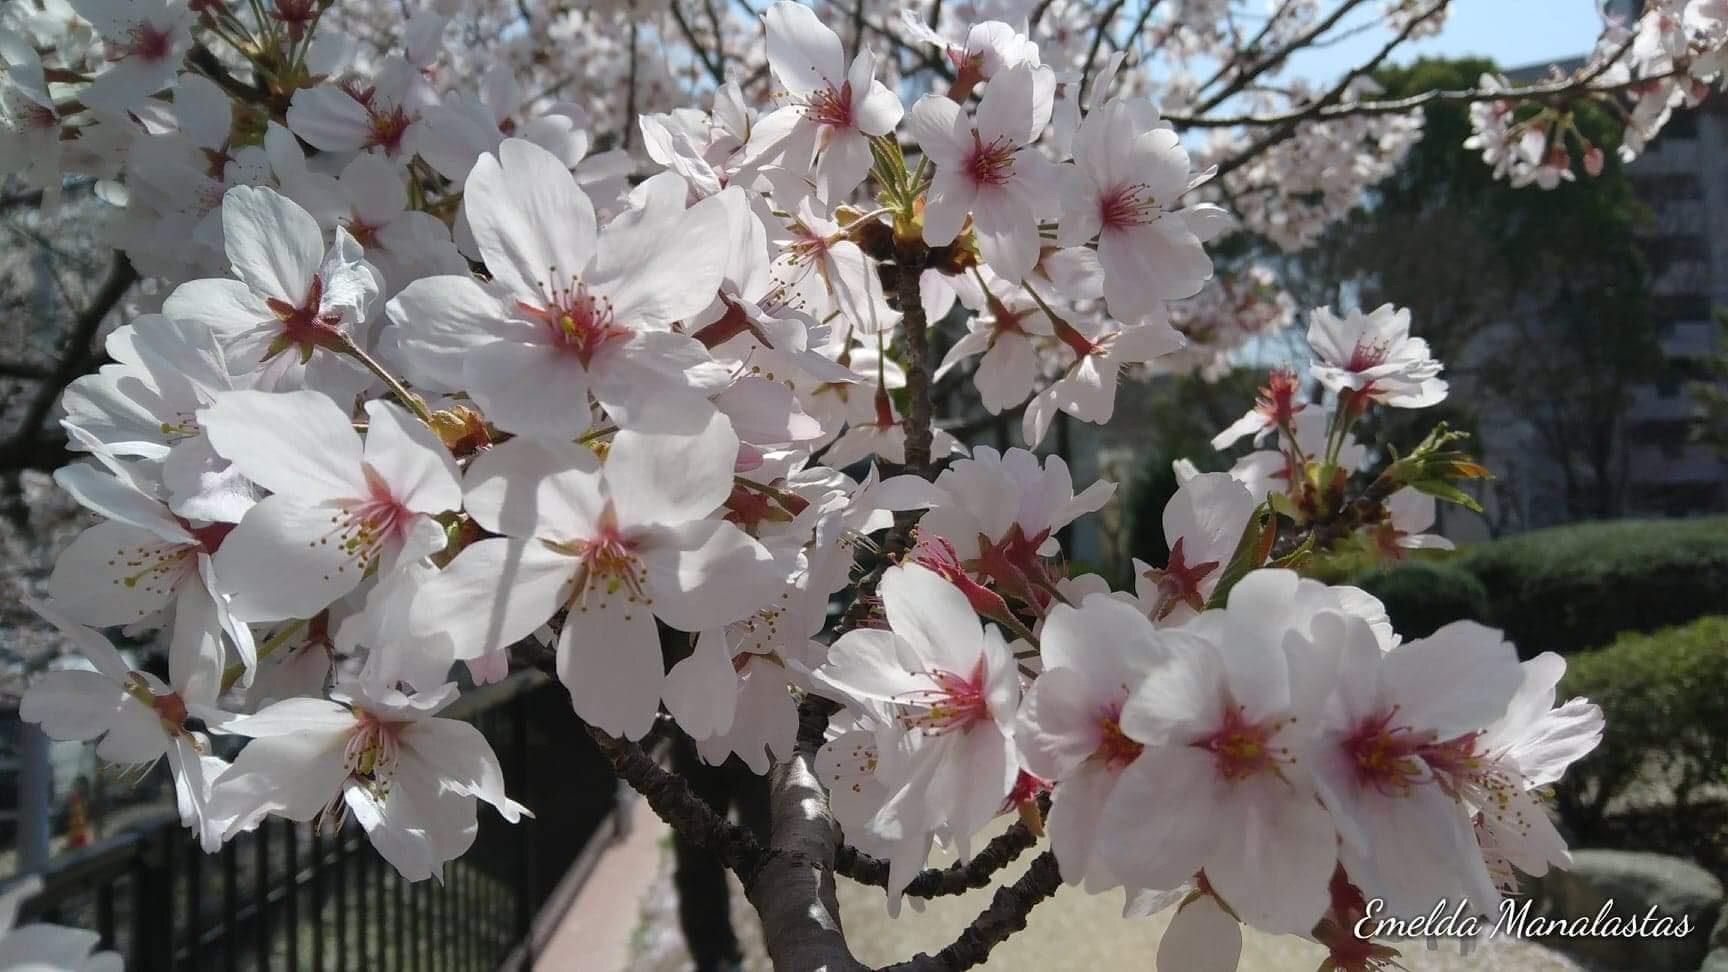 The wondrous beauty of Sakura – Emelda Manalastas